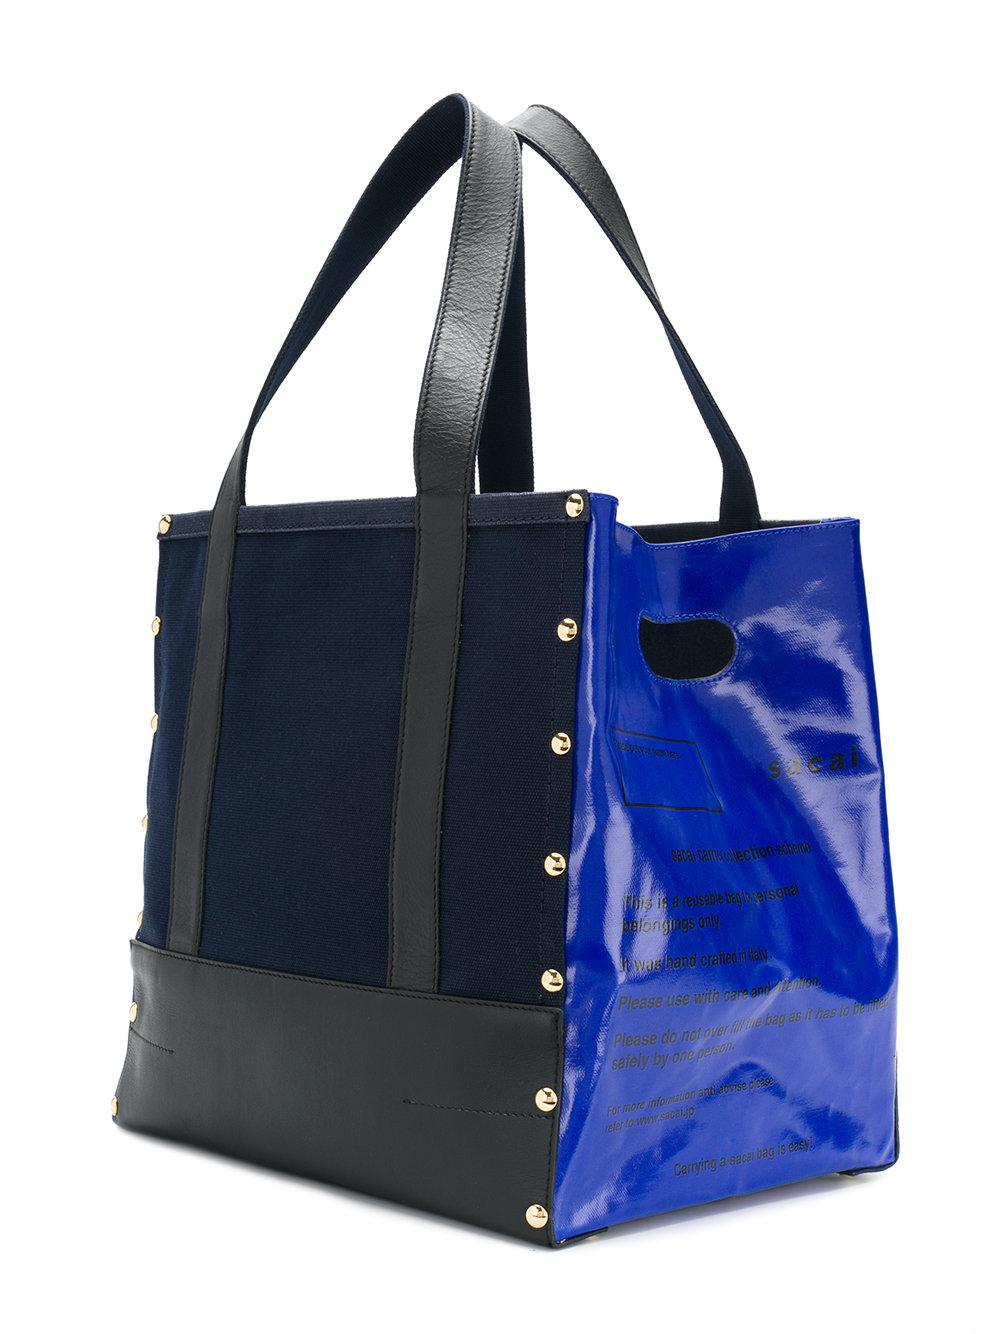 90f78a5b8c Sacai Panelled Tote Bag Bag Sacai Bag Tote Sacai Panelled Tote Panelled  Panelled Sacai Tote XTZxII